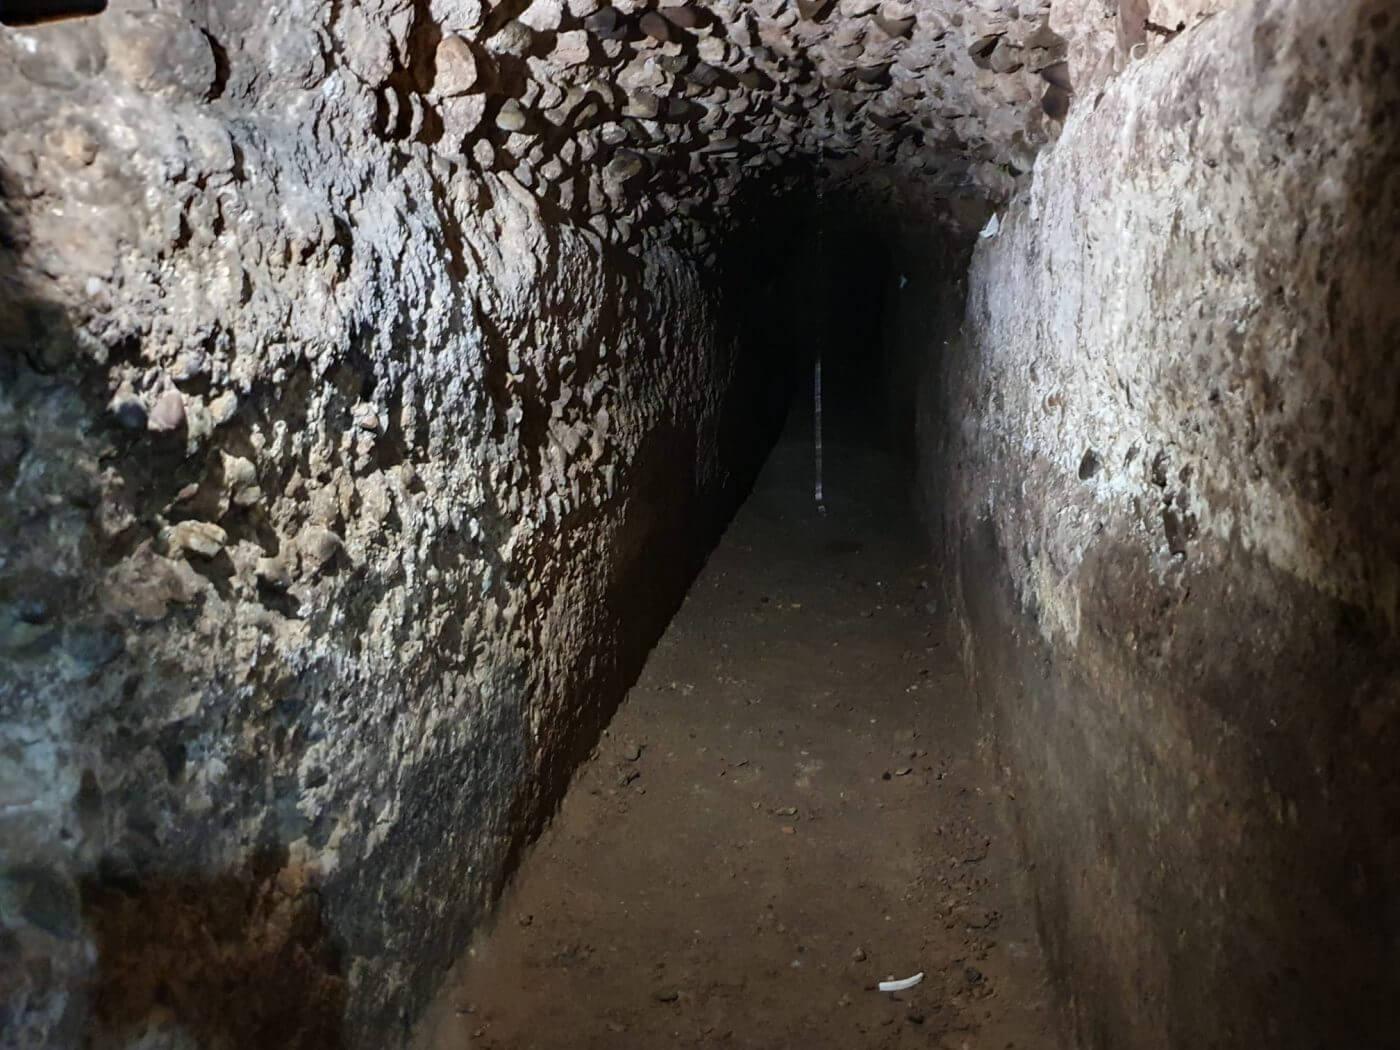 El ayuntamiento de Calahorra y Amigos de la Historia firmarán un convenio para la intervención arqueológica en la cloaca